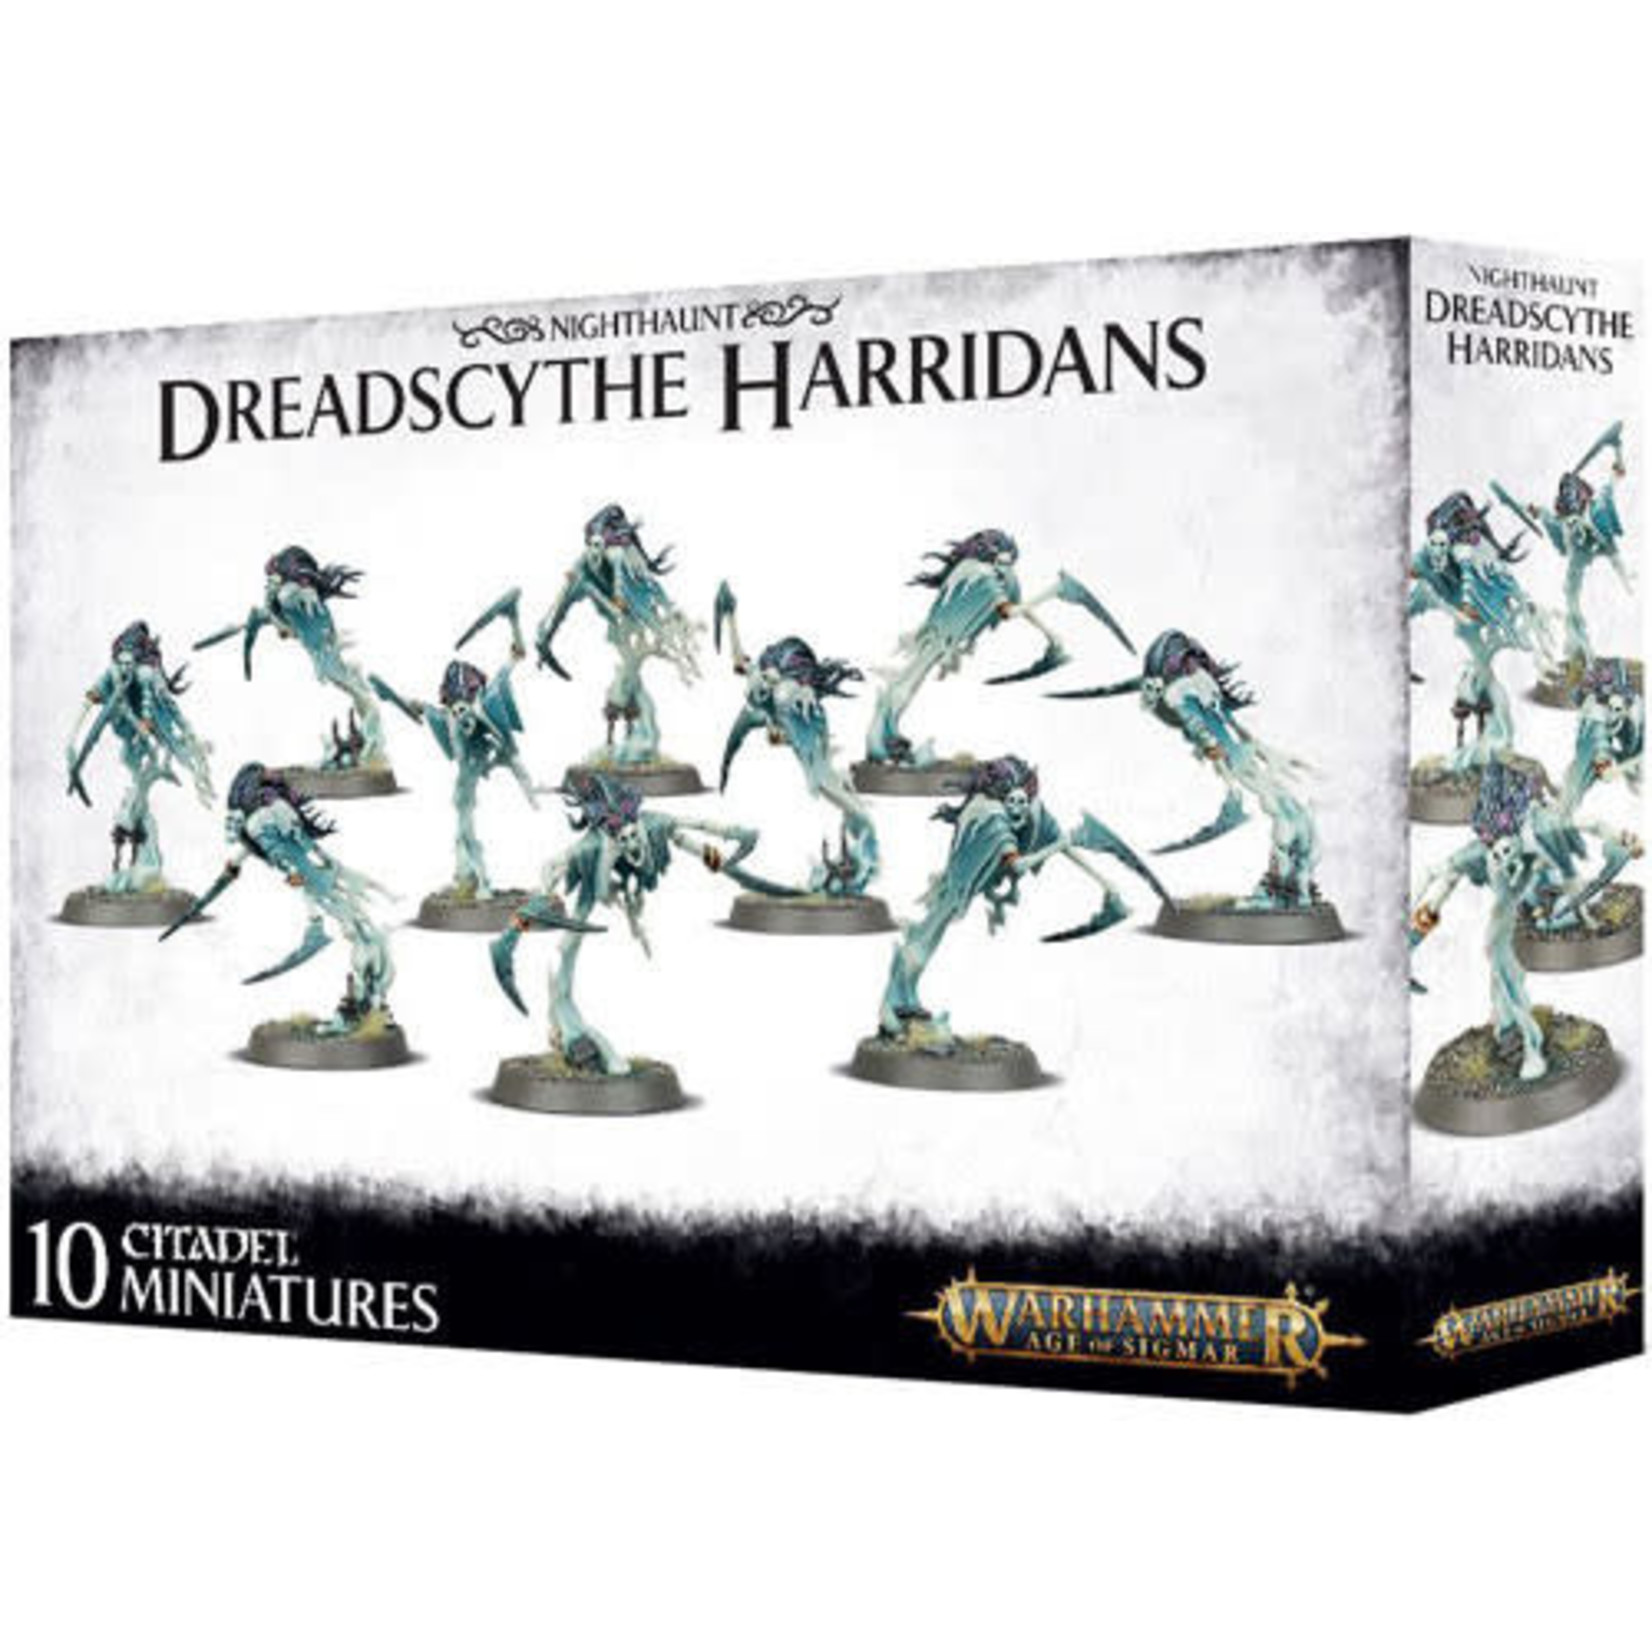 Nighthaunt Dreadscythe Harridans (AOS)